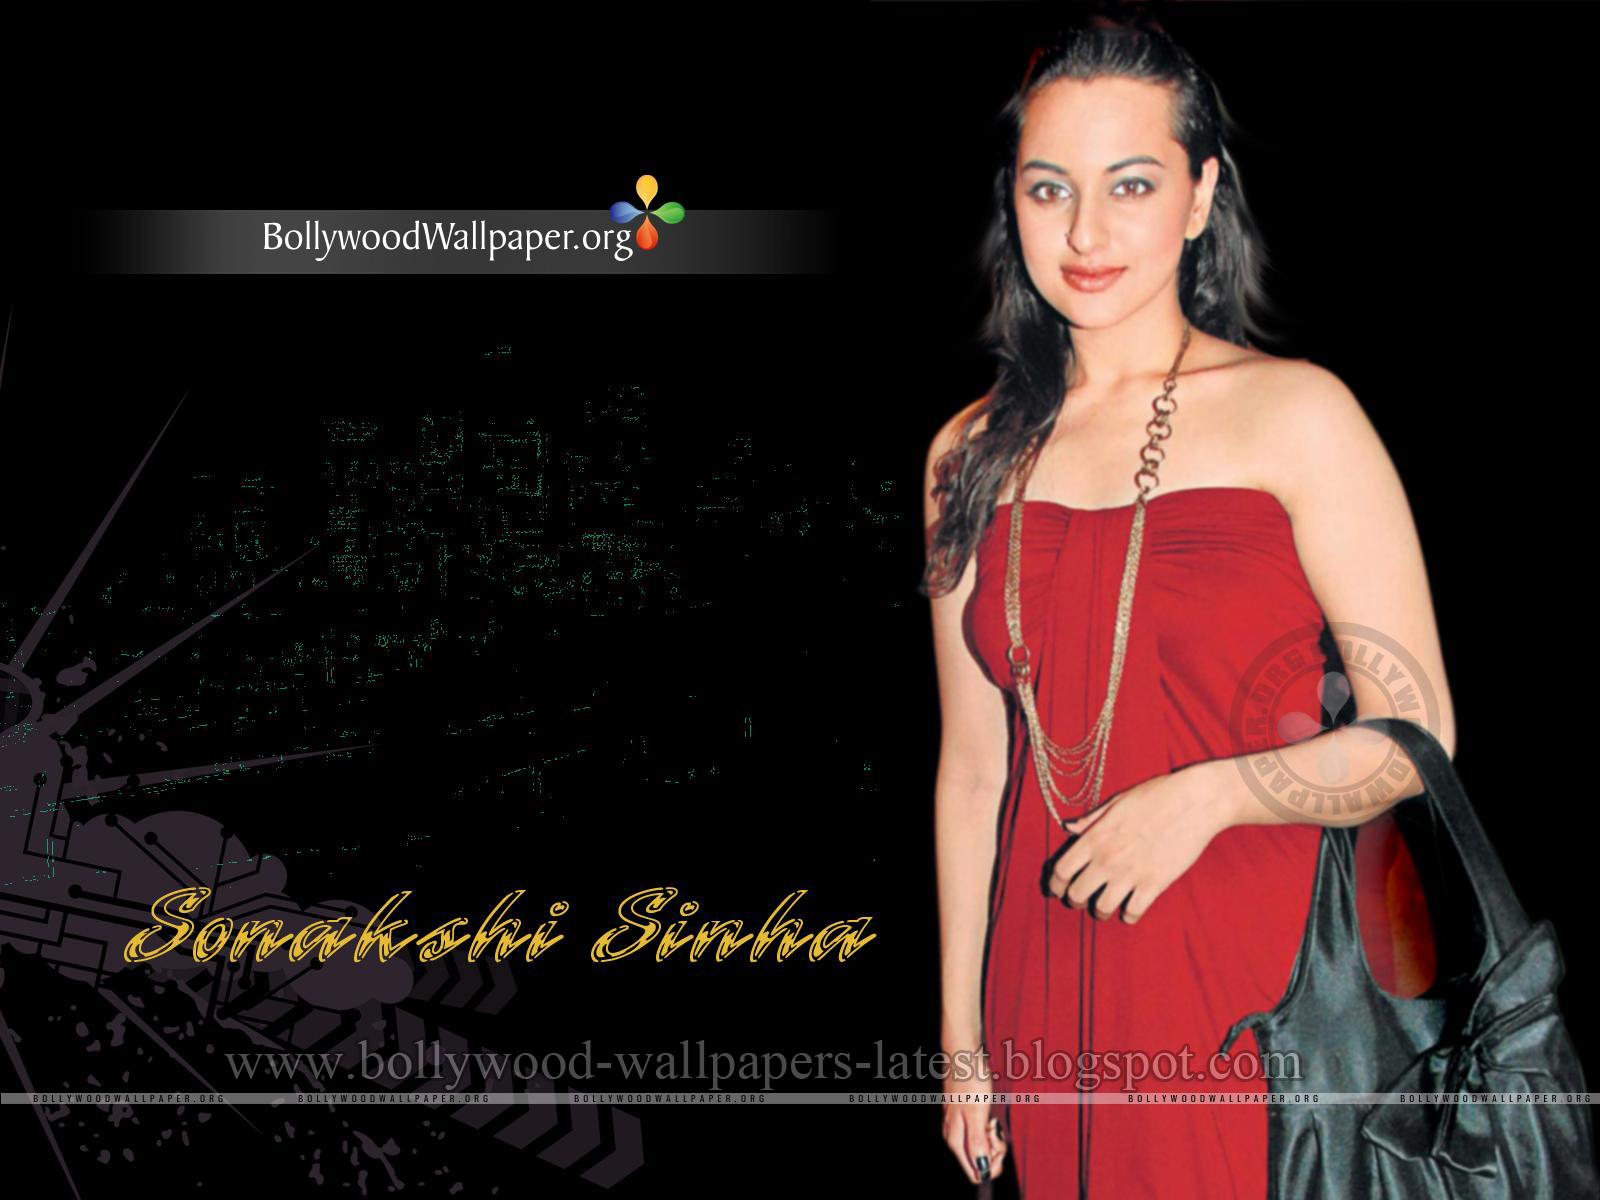 http://1.bp.blogspot.com/-OxKUucfxBnI/Tisvi6-MfyI/AAAAAAAAJtw/3v7-BTPIvGQ/s1600/Sonakshi-Sinha-Wallpaper-042.jpg